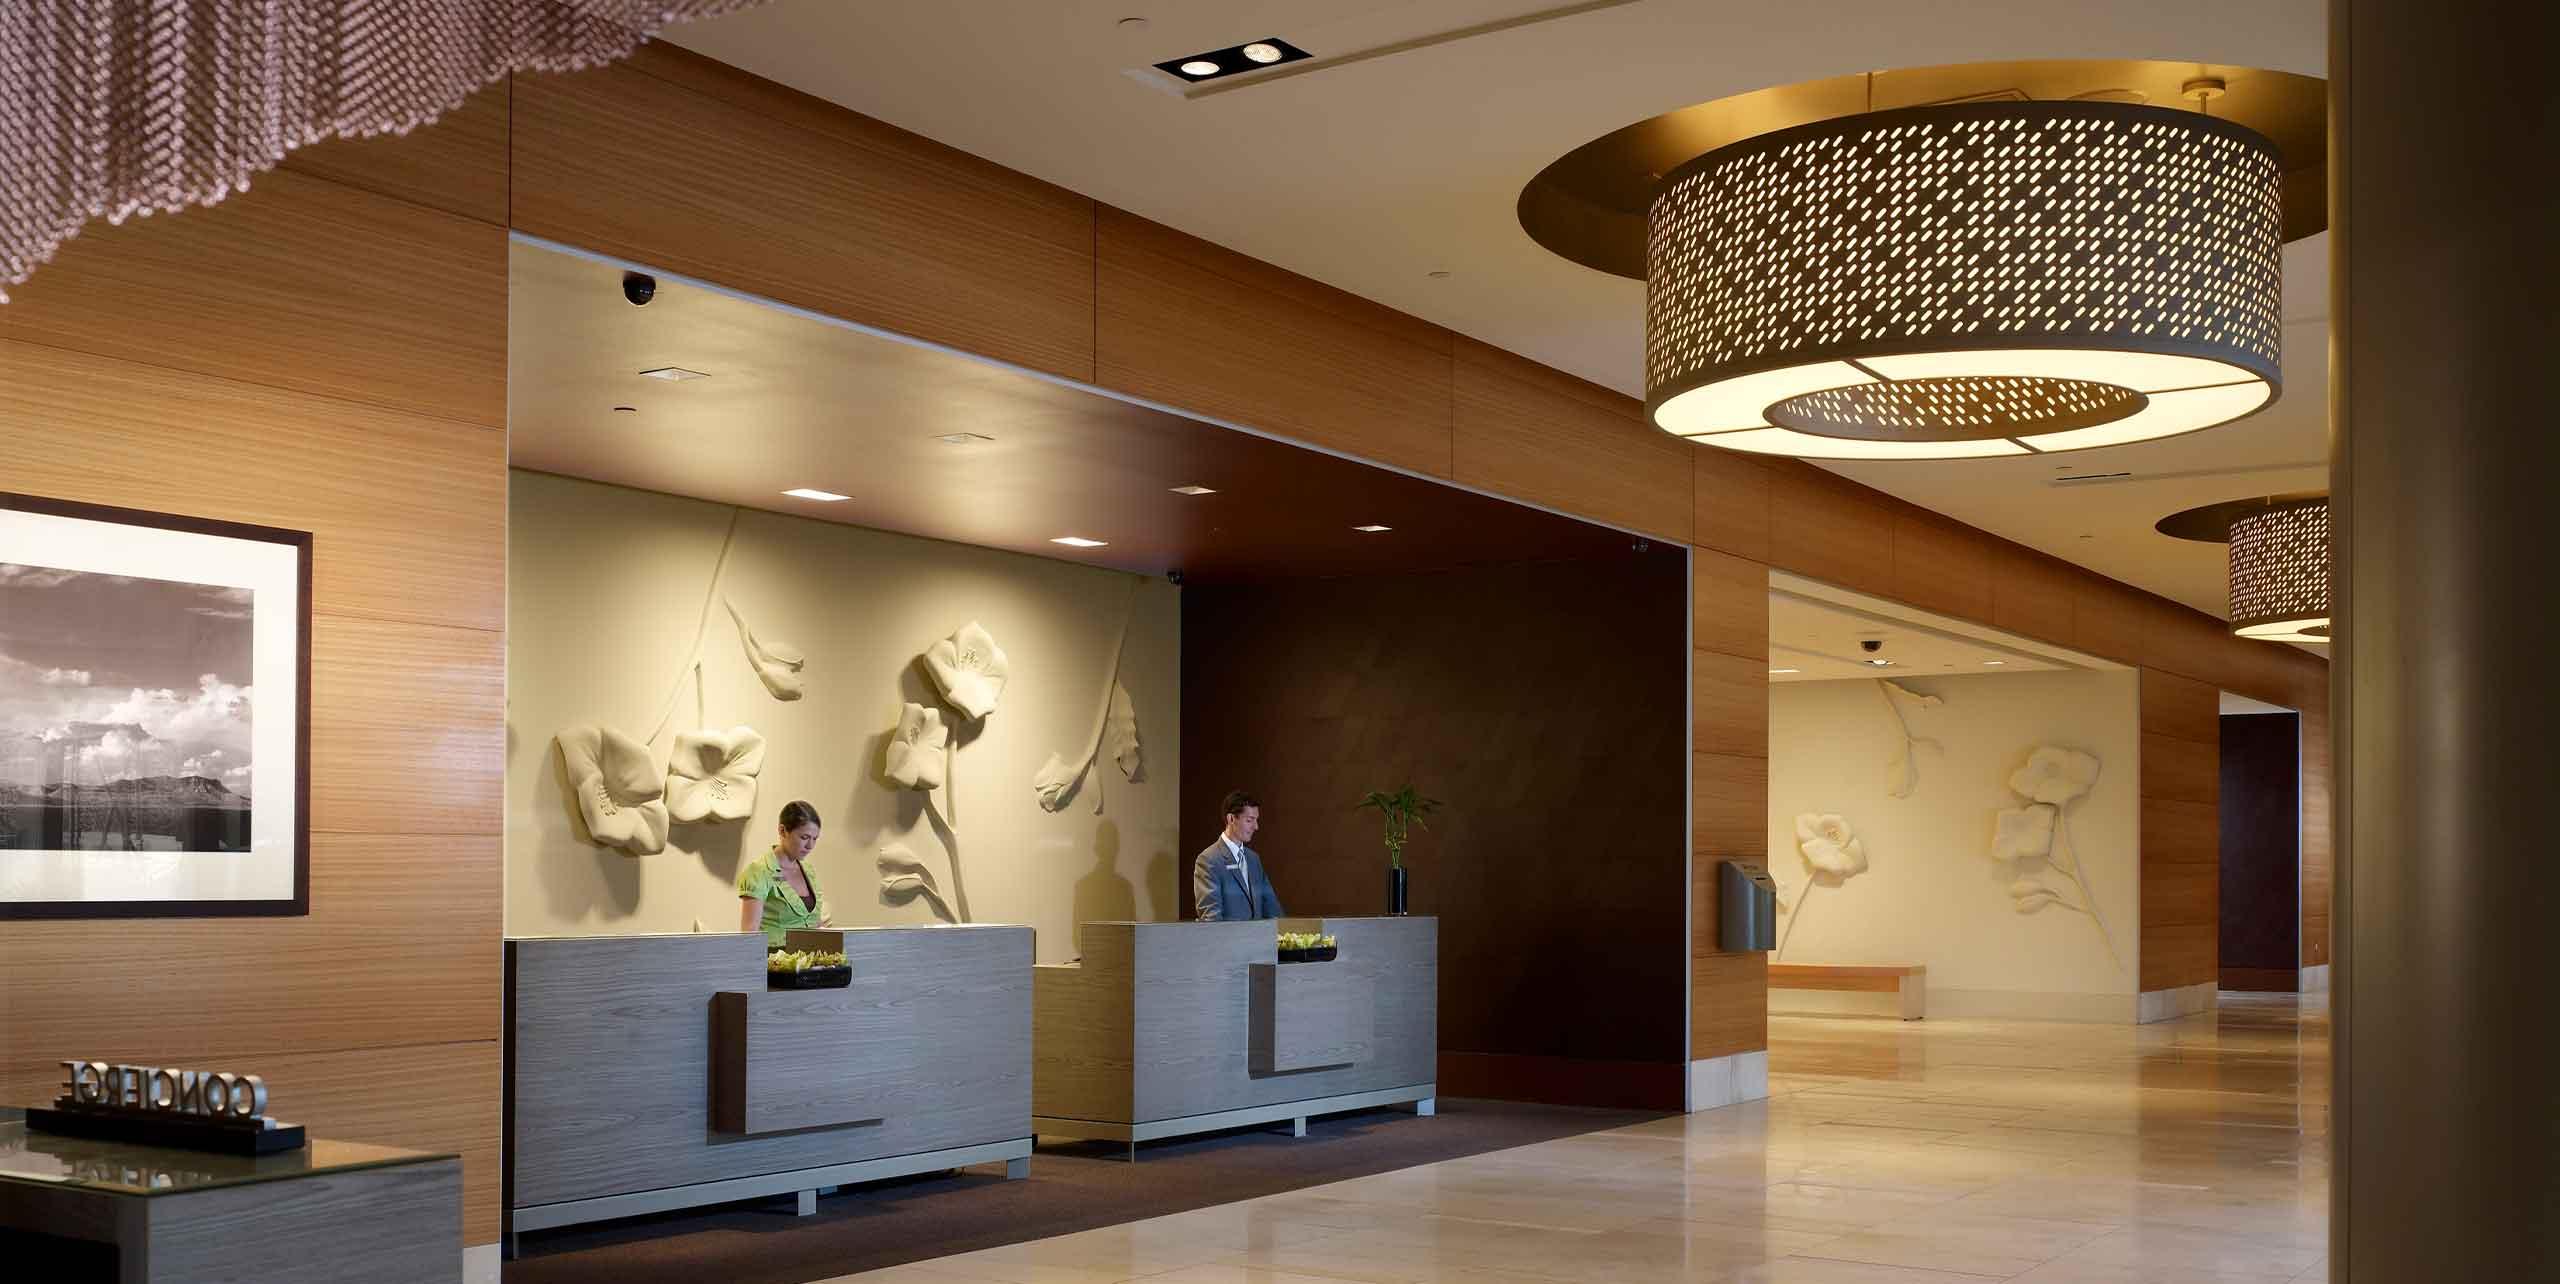 Westin Galleria